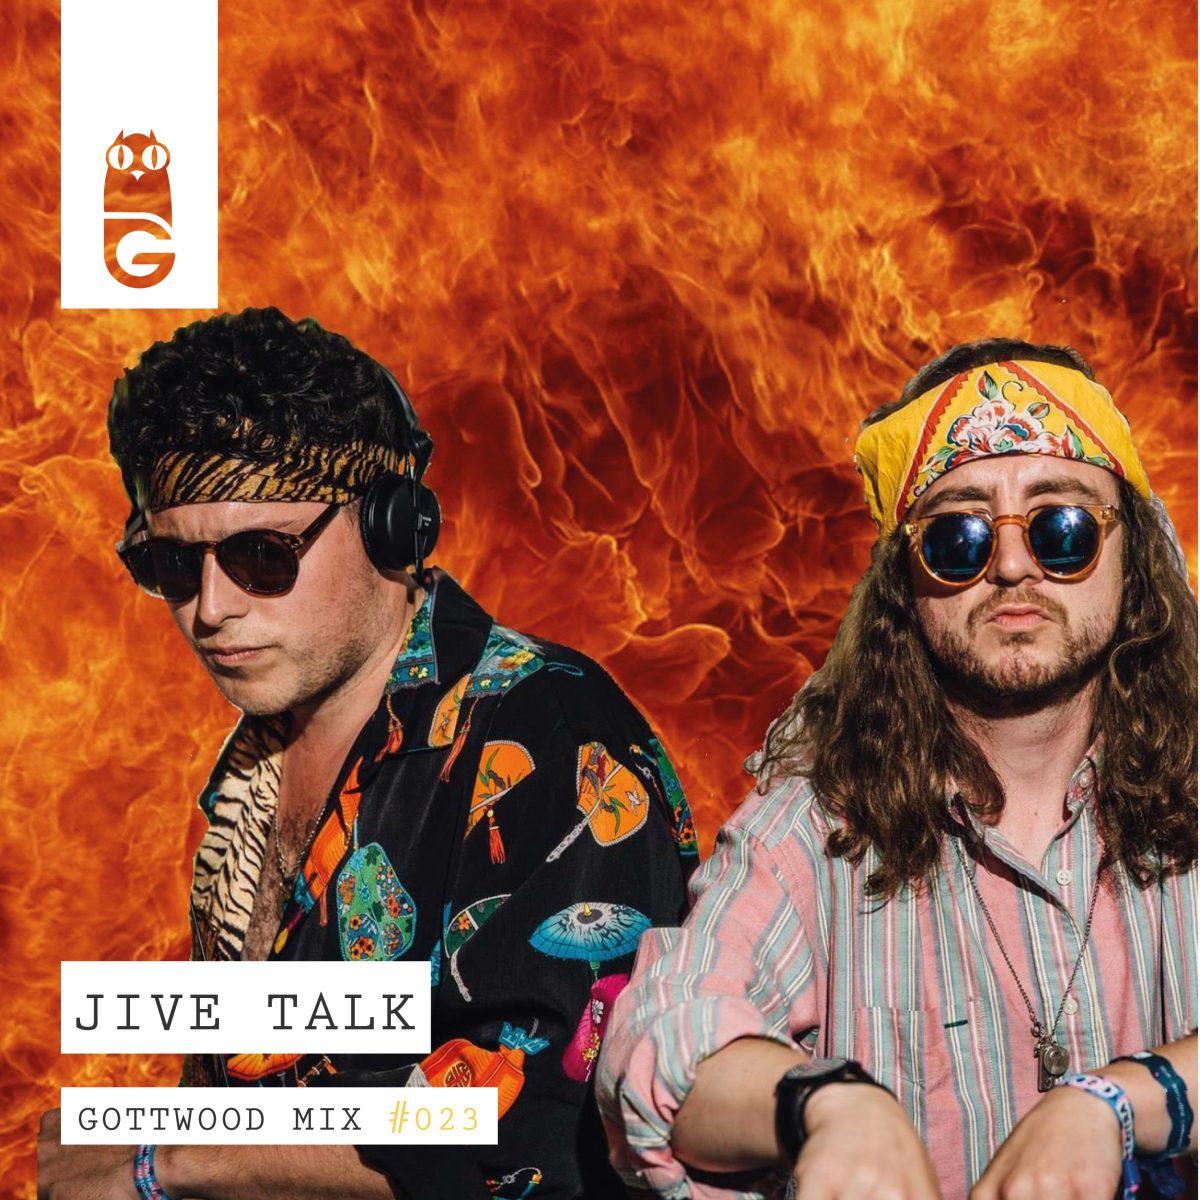 023 - Jive Talk